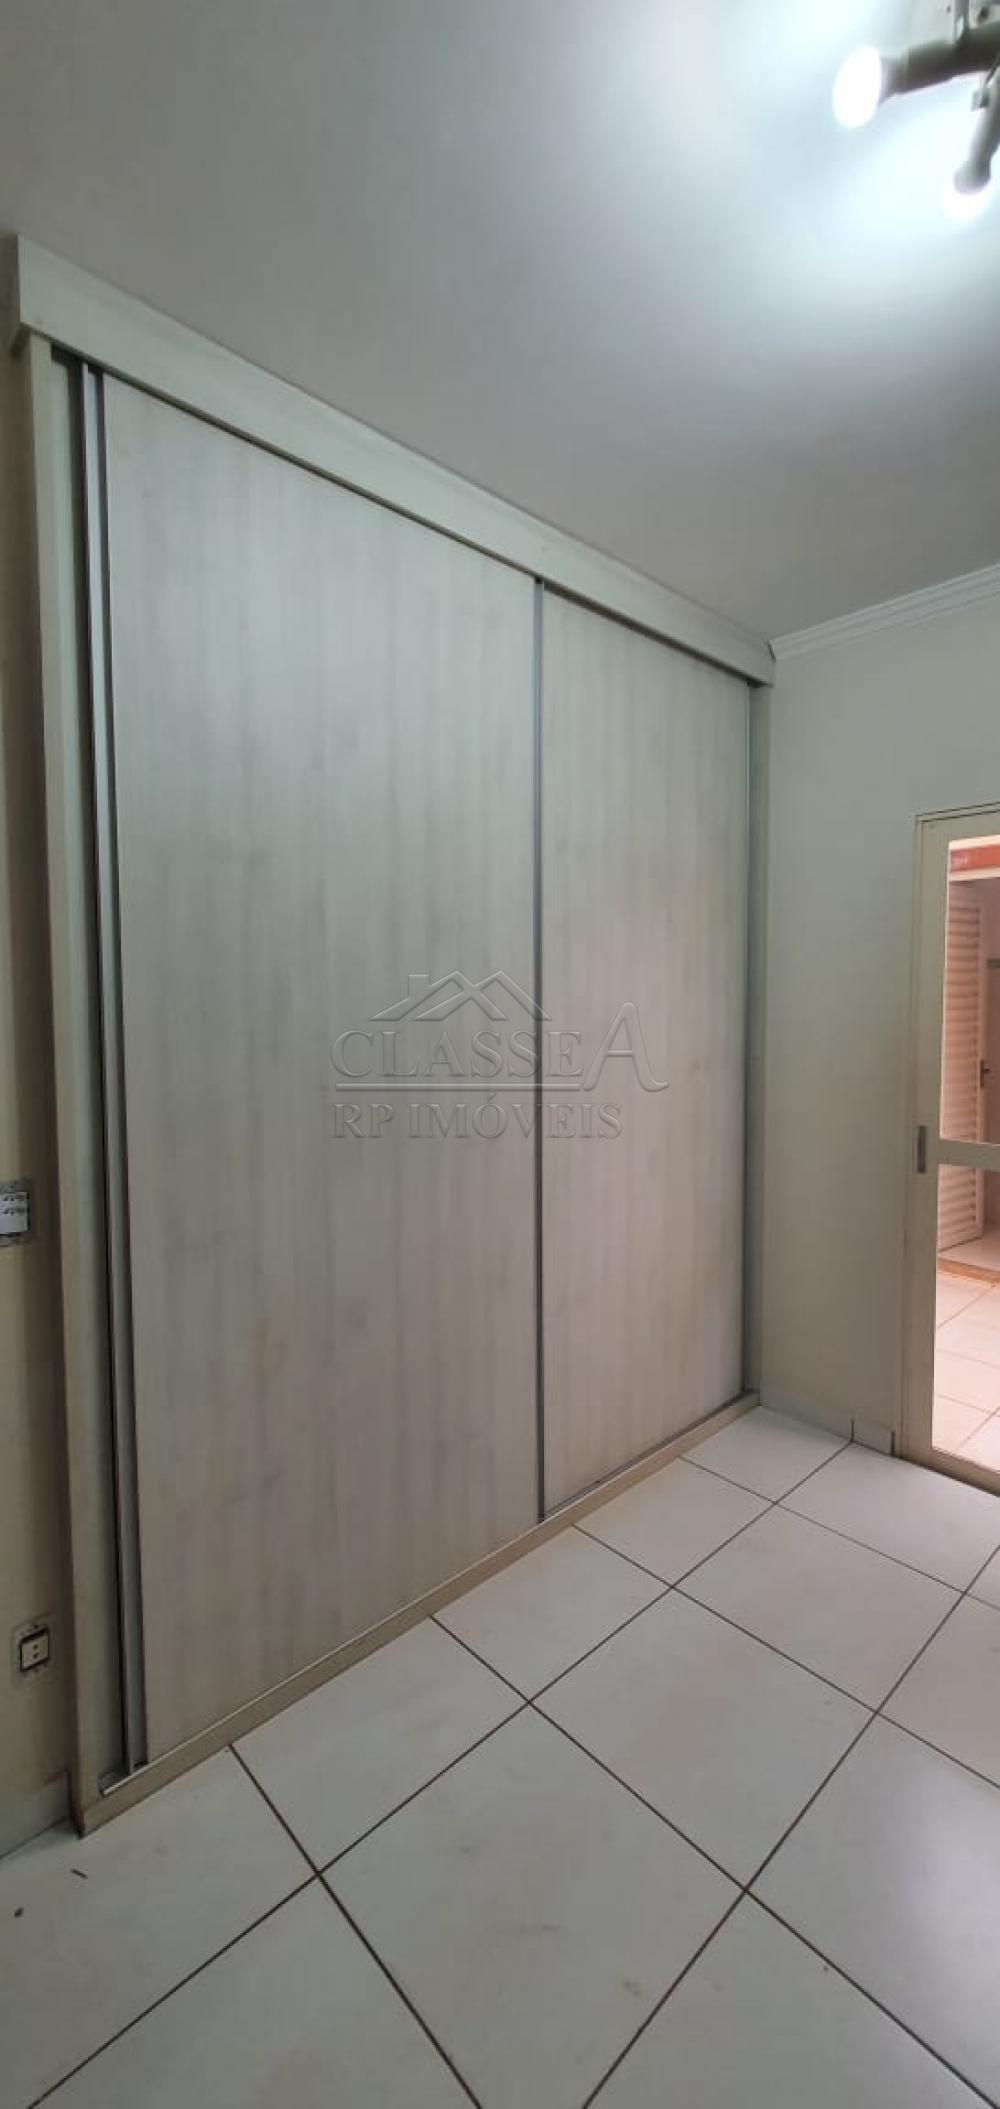 Comprar Casa / Condomínio - térrea em Ribeirão Preto R$ 650.000,00 - Foto 22